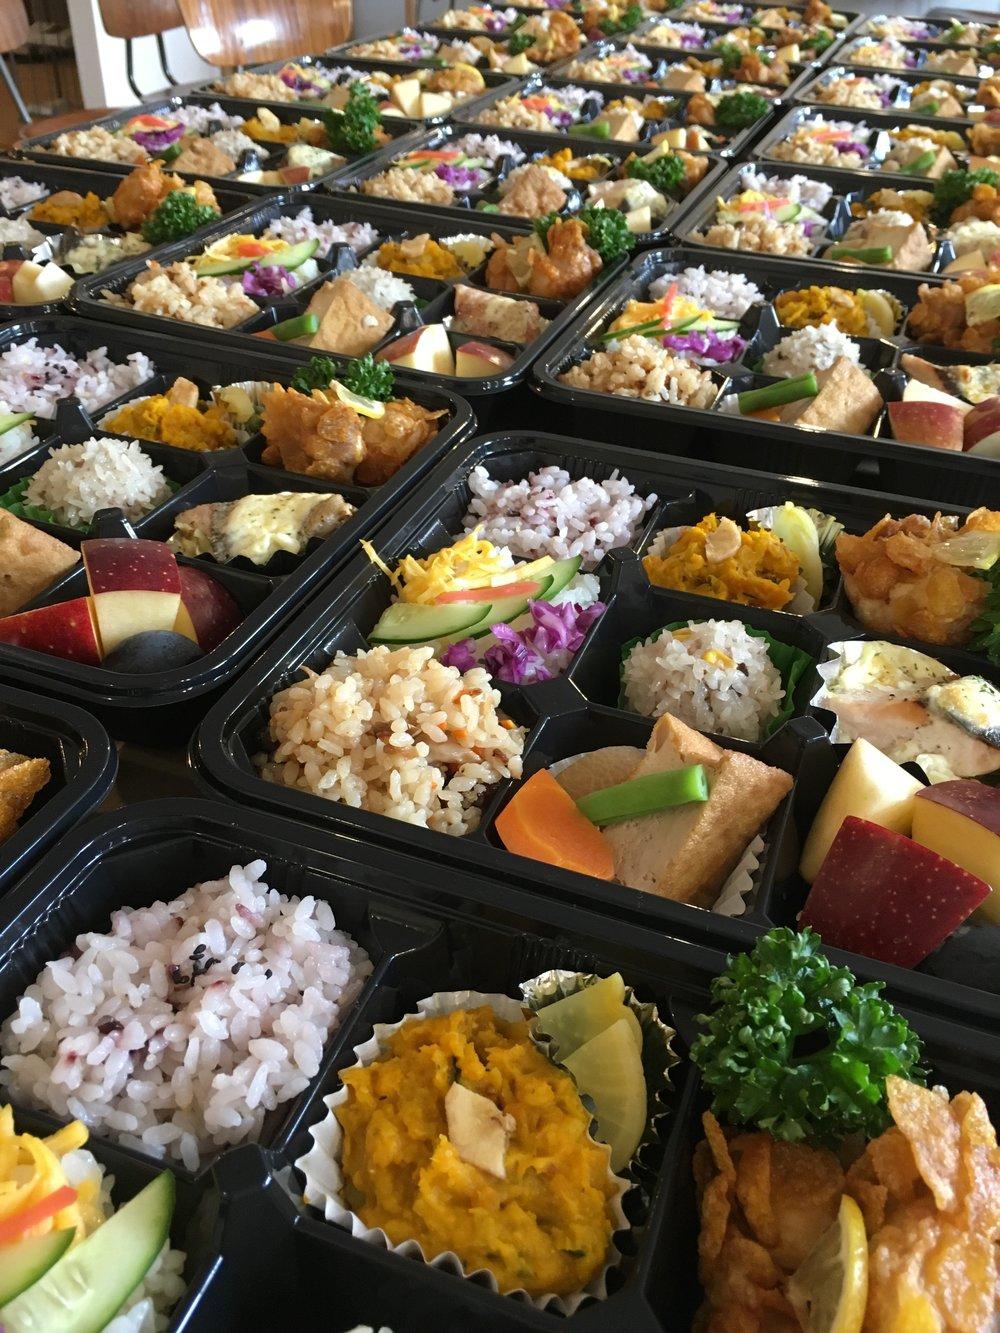 ¥1000きのこ炊き込み.チラシ.黒米キビ.厚揚げ煮物.もち米しゅうまい.かぼちゃとさつまいも.鮭チーズ.唐揚げ2.jpg